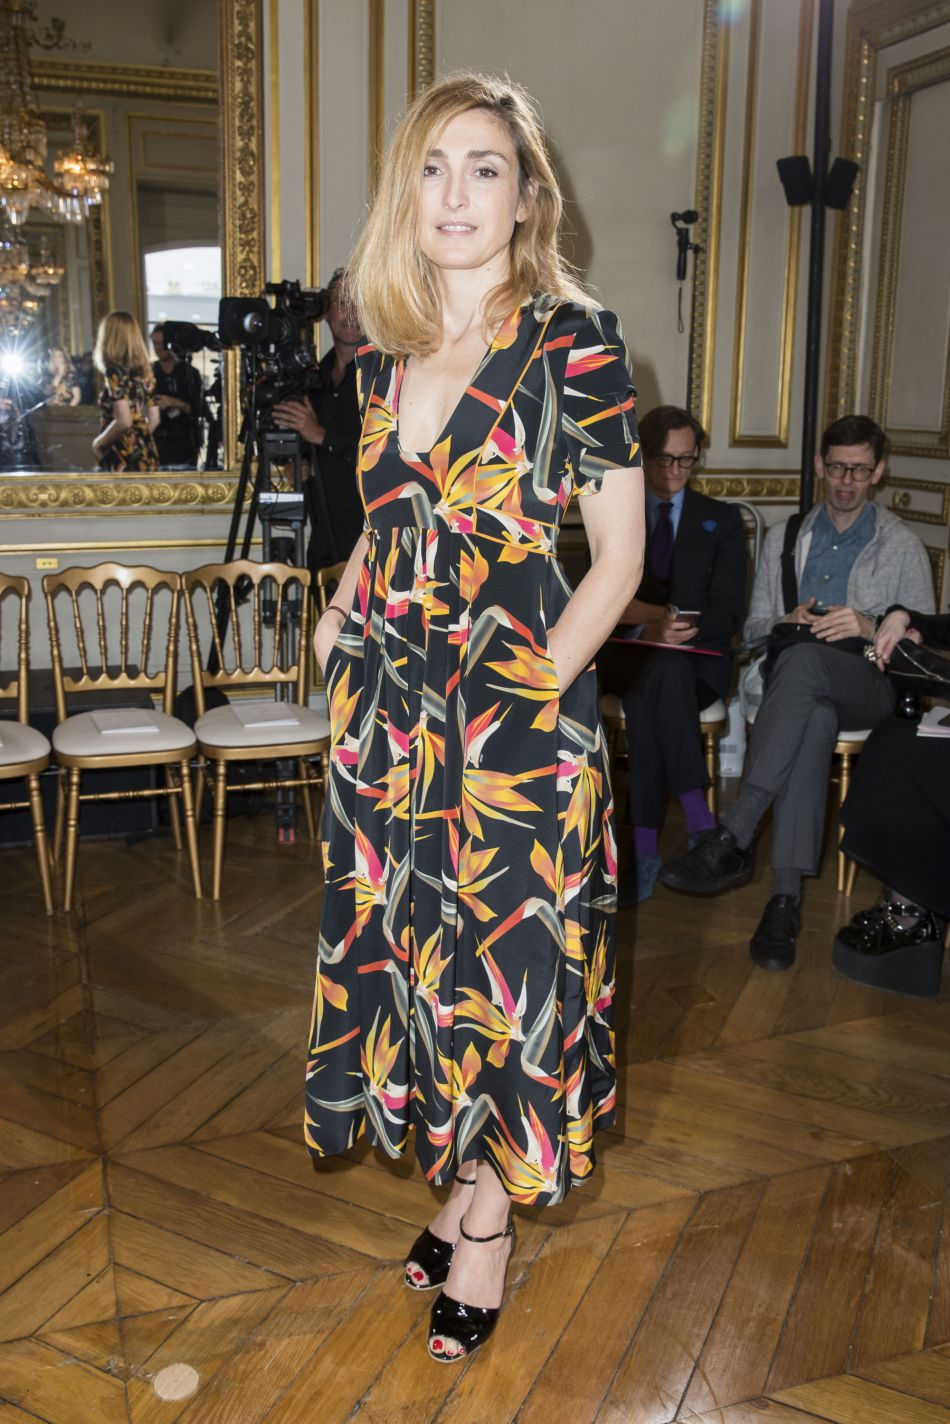 Julie Gayet dans une robe fleurie et estivale, lors de la Fashion Week  Haute Couture automne,hiver 2016/2017 à Paris, le 4 juillet 2016.